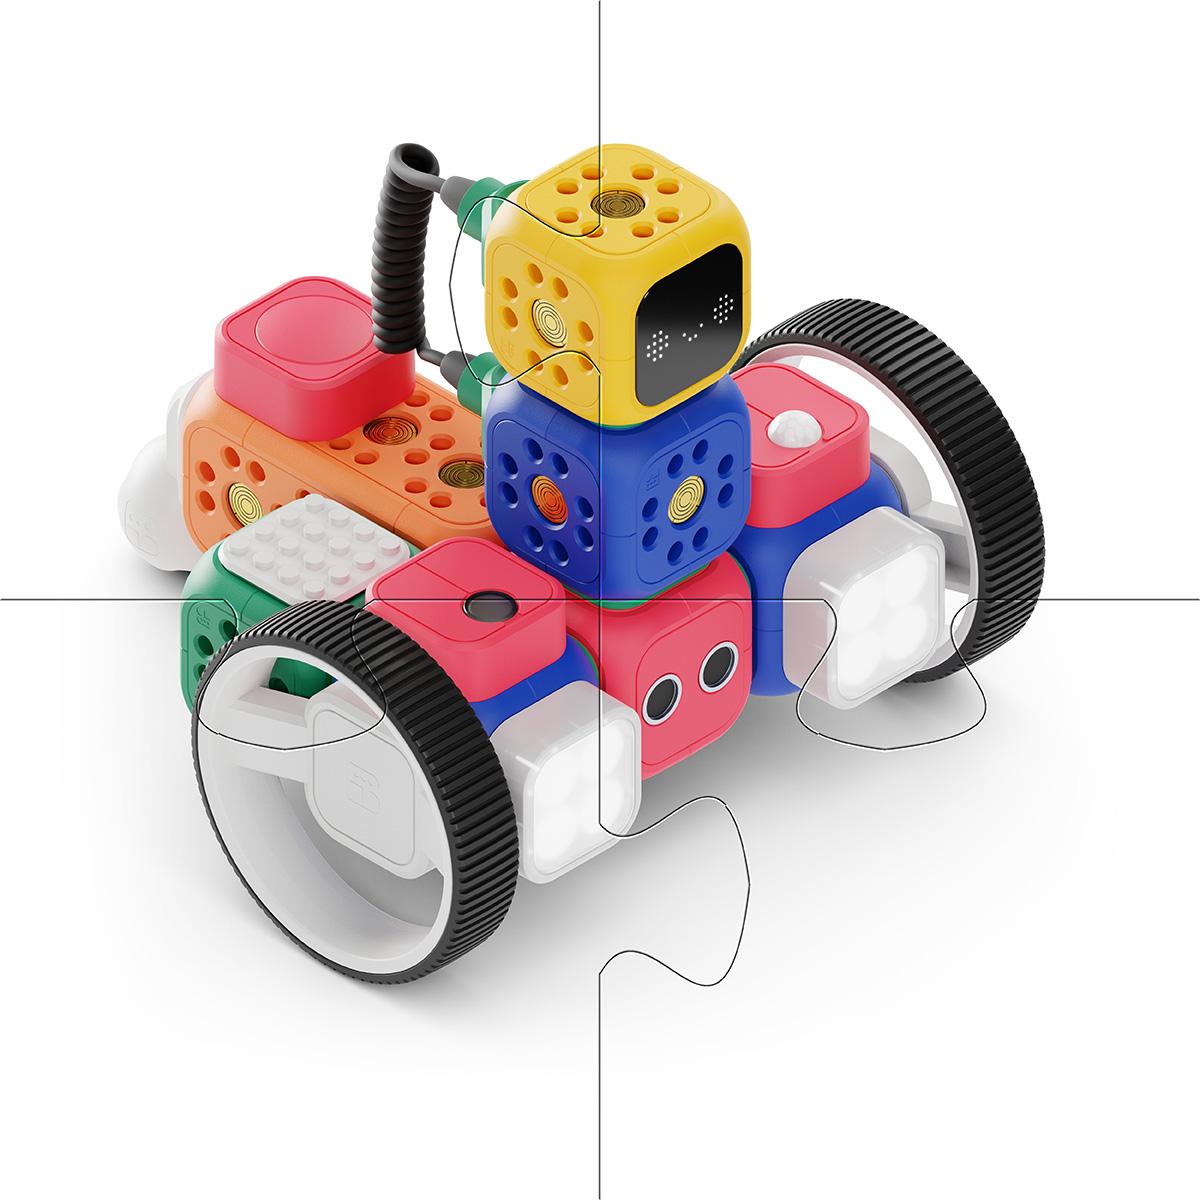 Quebra cabeça infantil Cognitivo de madeira para Crianças - MDF 4 peças